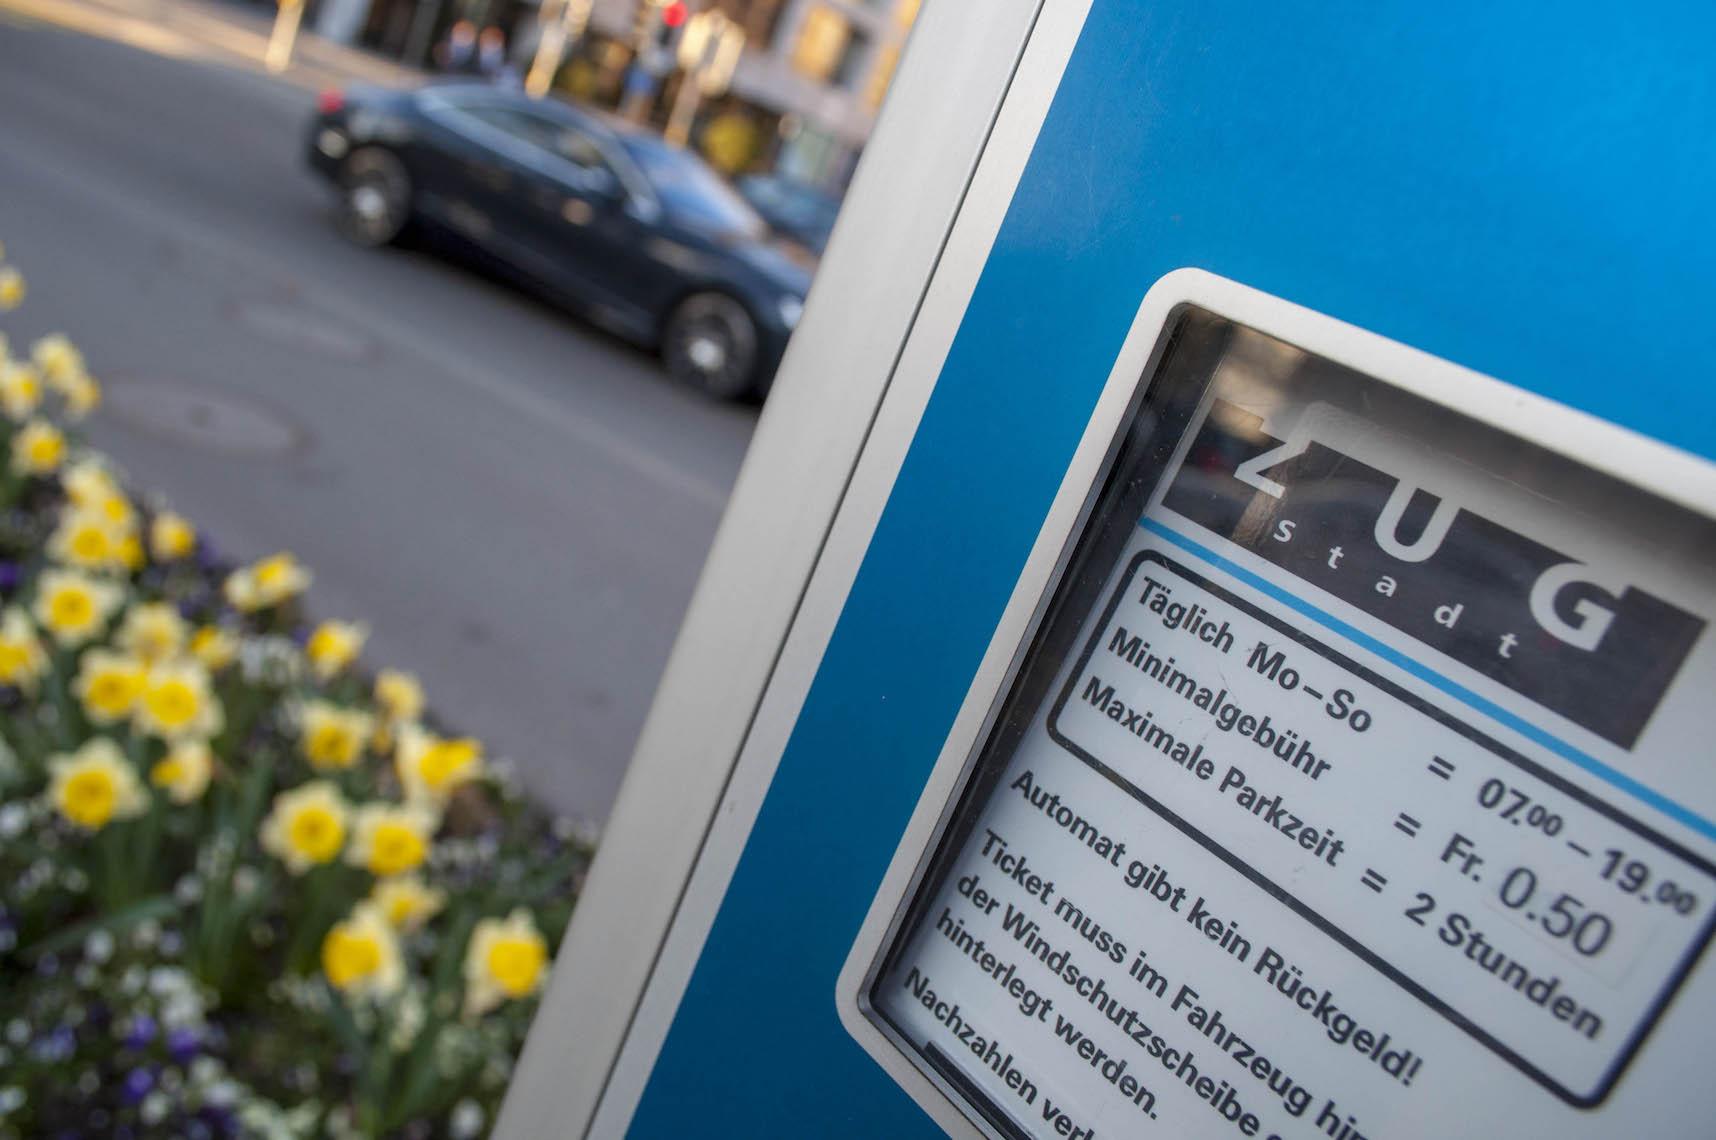 Die Höhe der Parkgebühren und das parkieren am Sonntag geben Anlass zu zahlreichen Vorstössen.